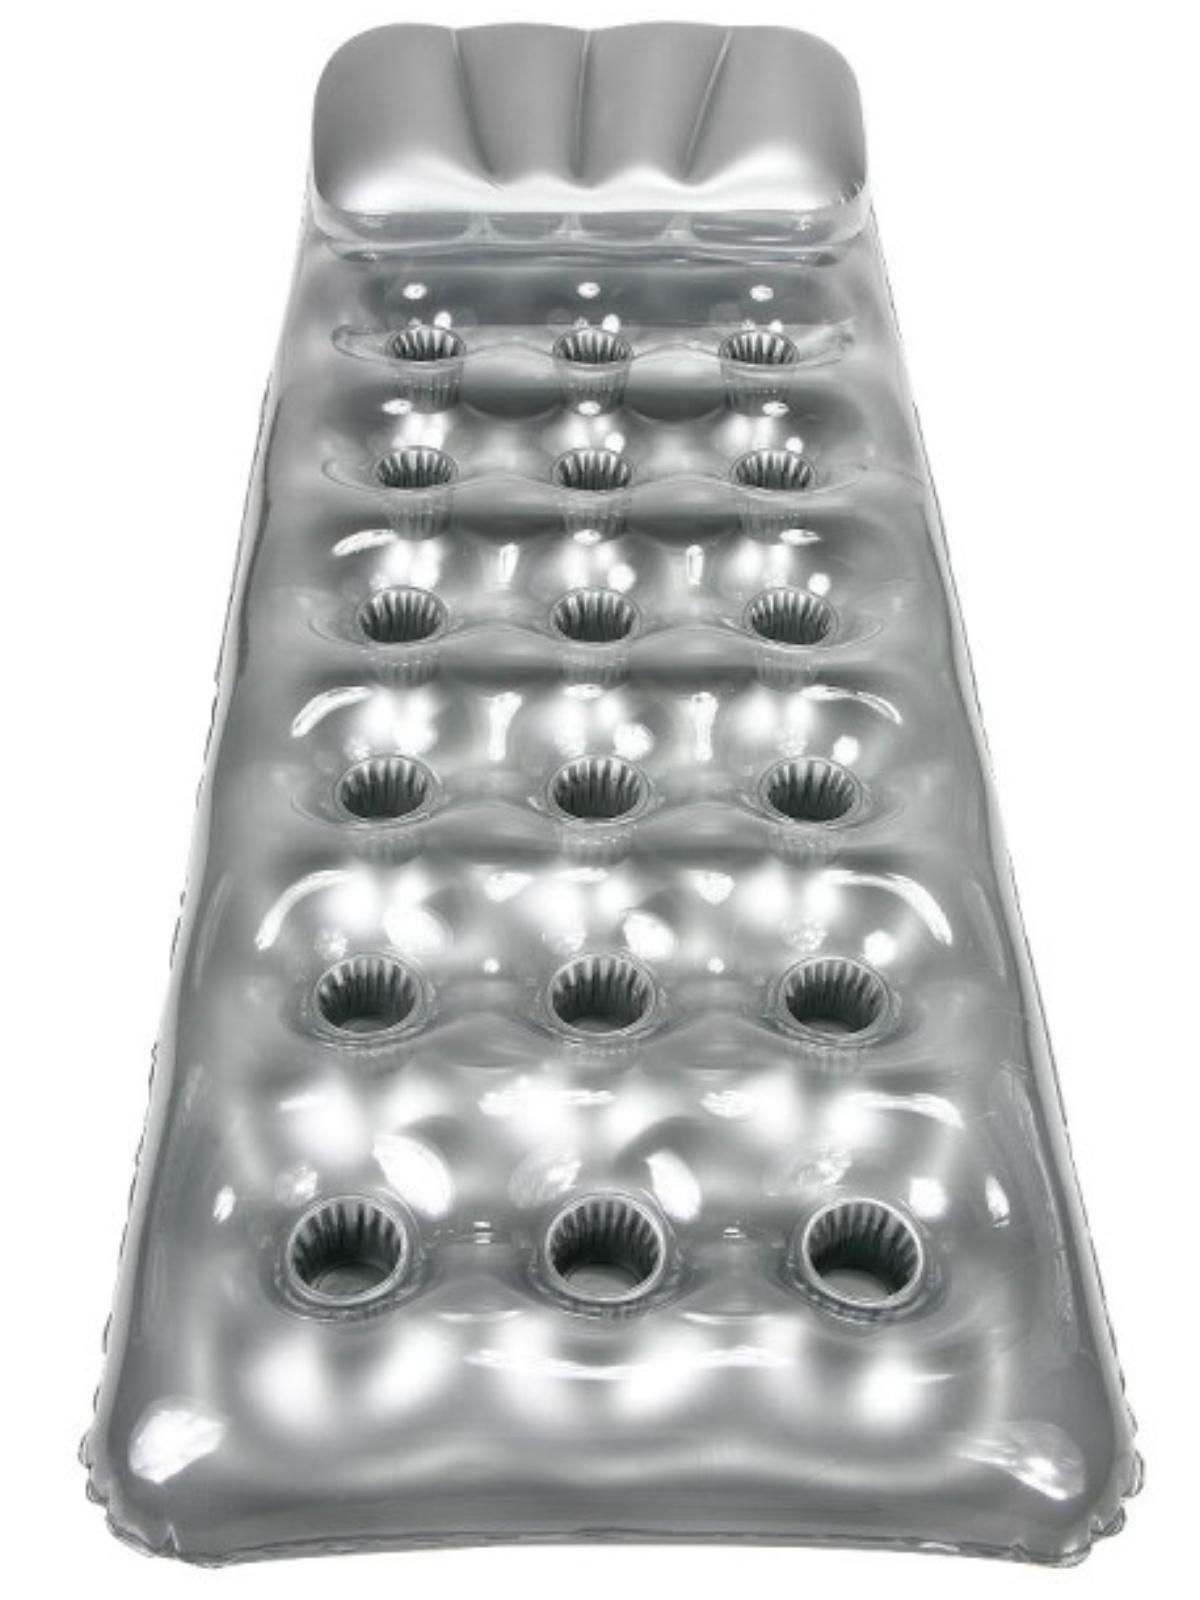 Nafukovací lehátko stříbrné s otvory 188 x 71cm